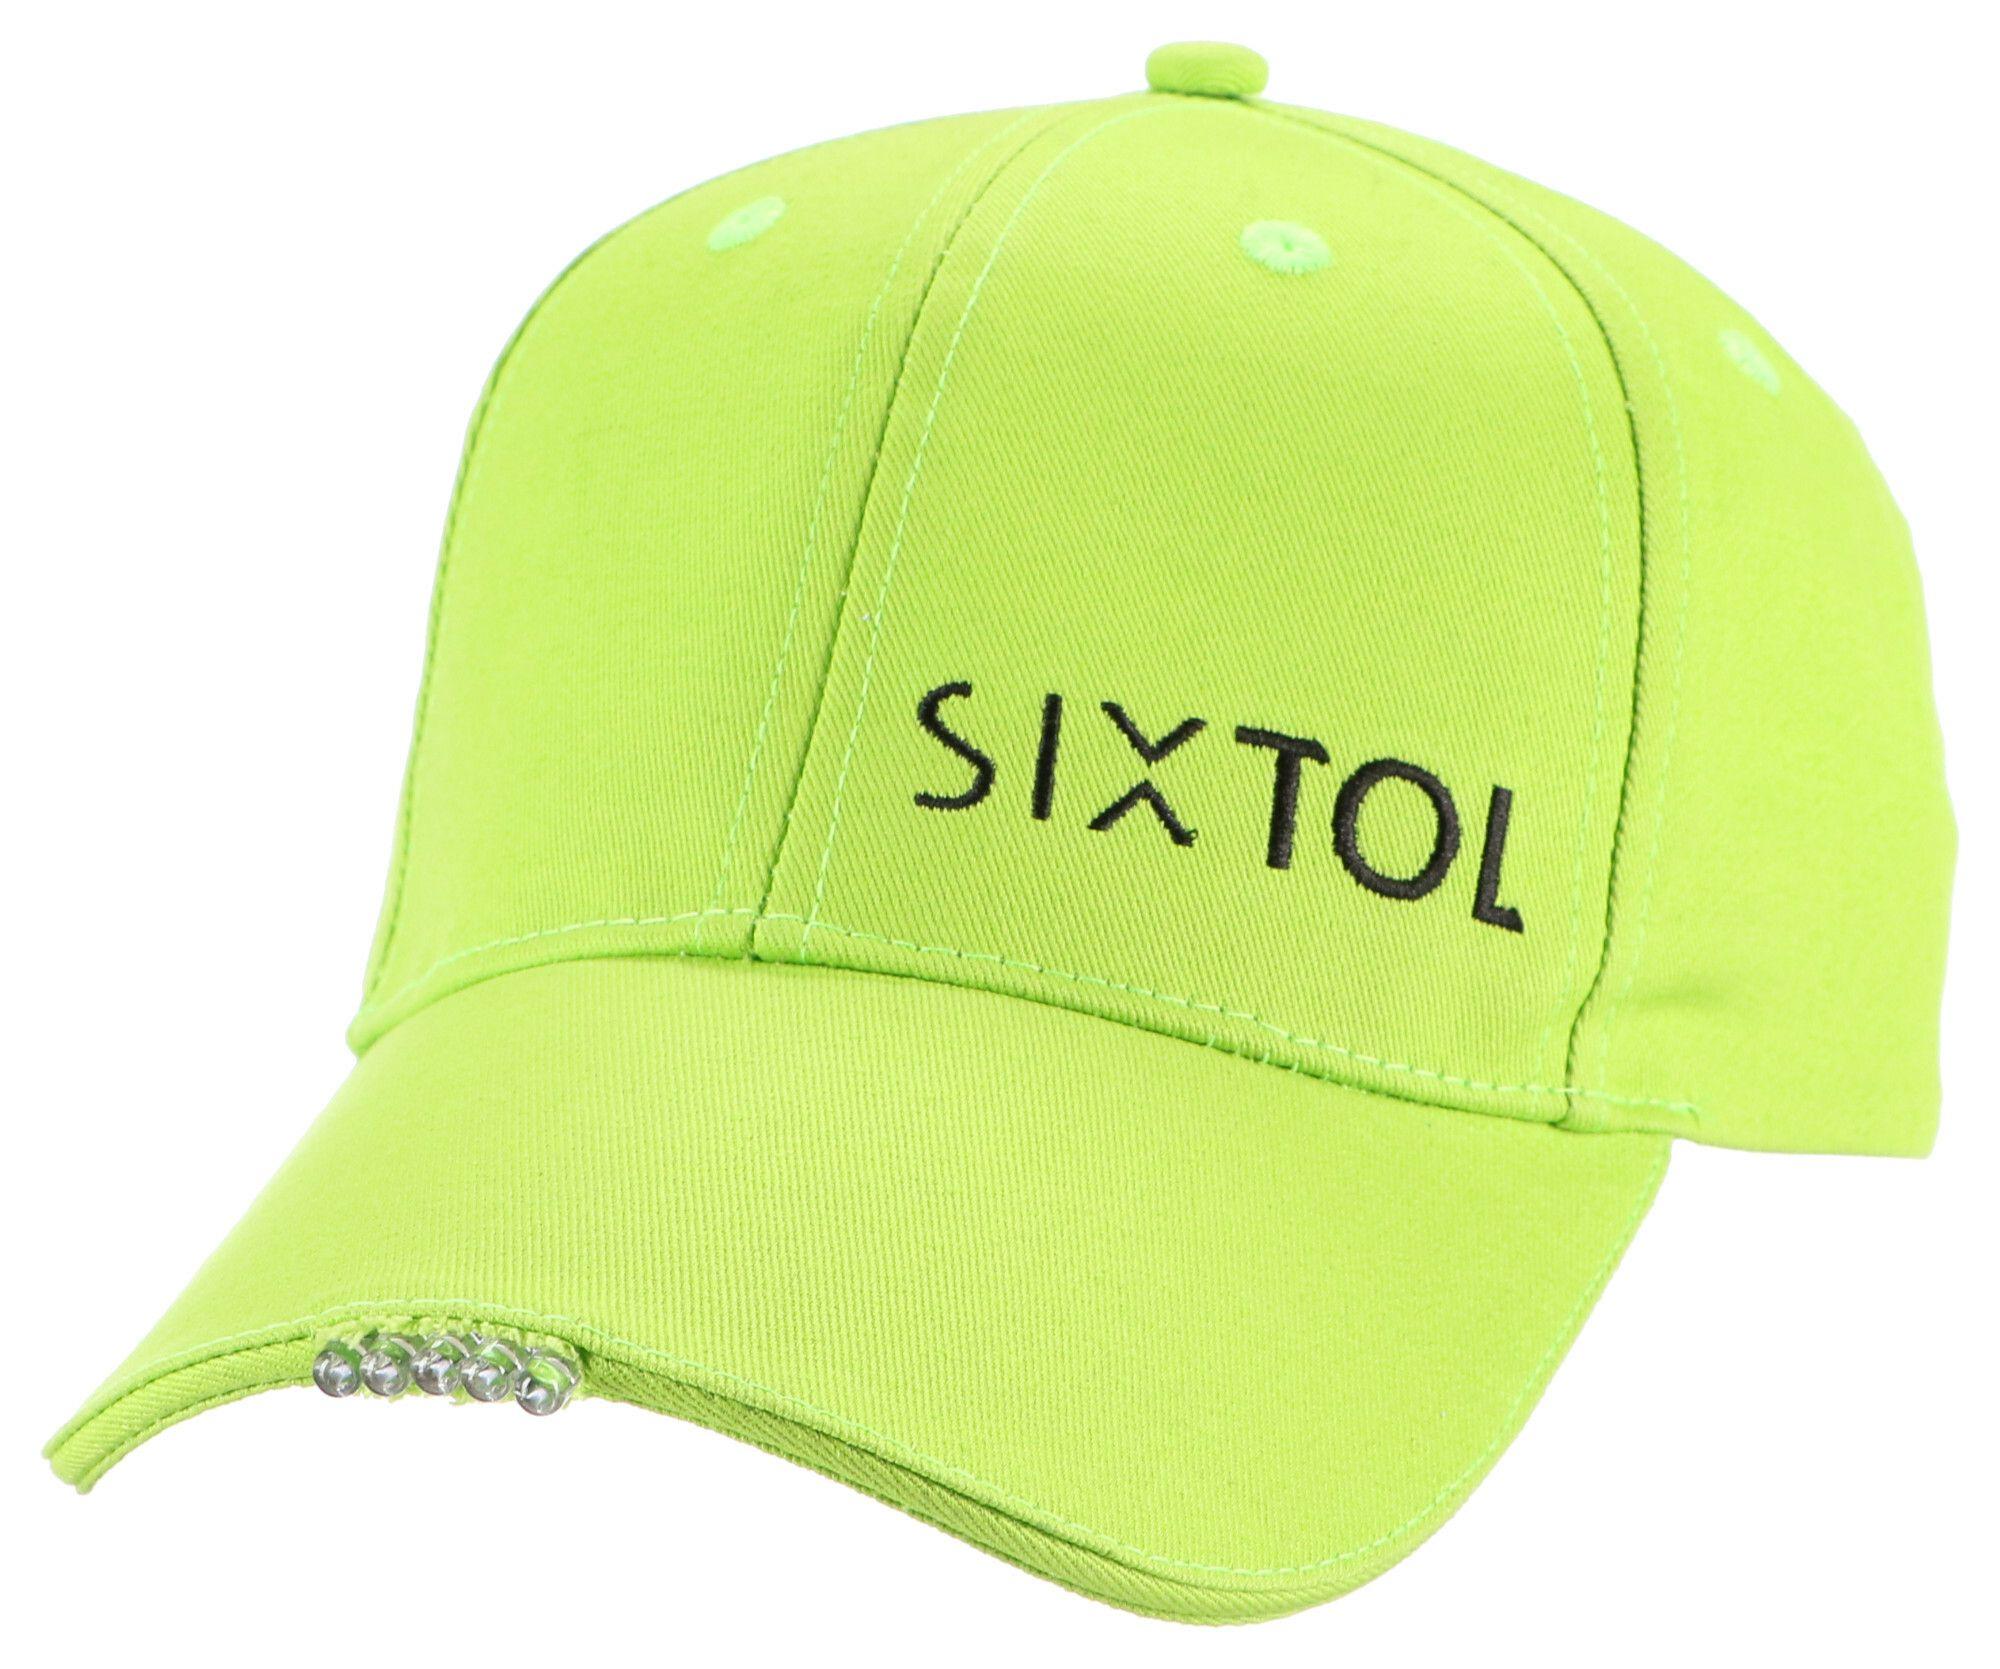 Kšiltovka s LED světlem B-CAP 25lm, nabíjecí, USB, uni velikost, fluorescentní zelená SIXTOL